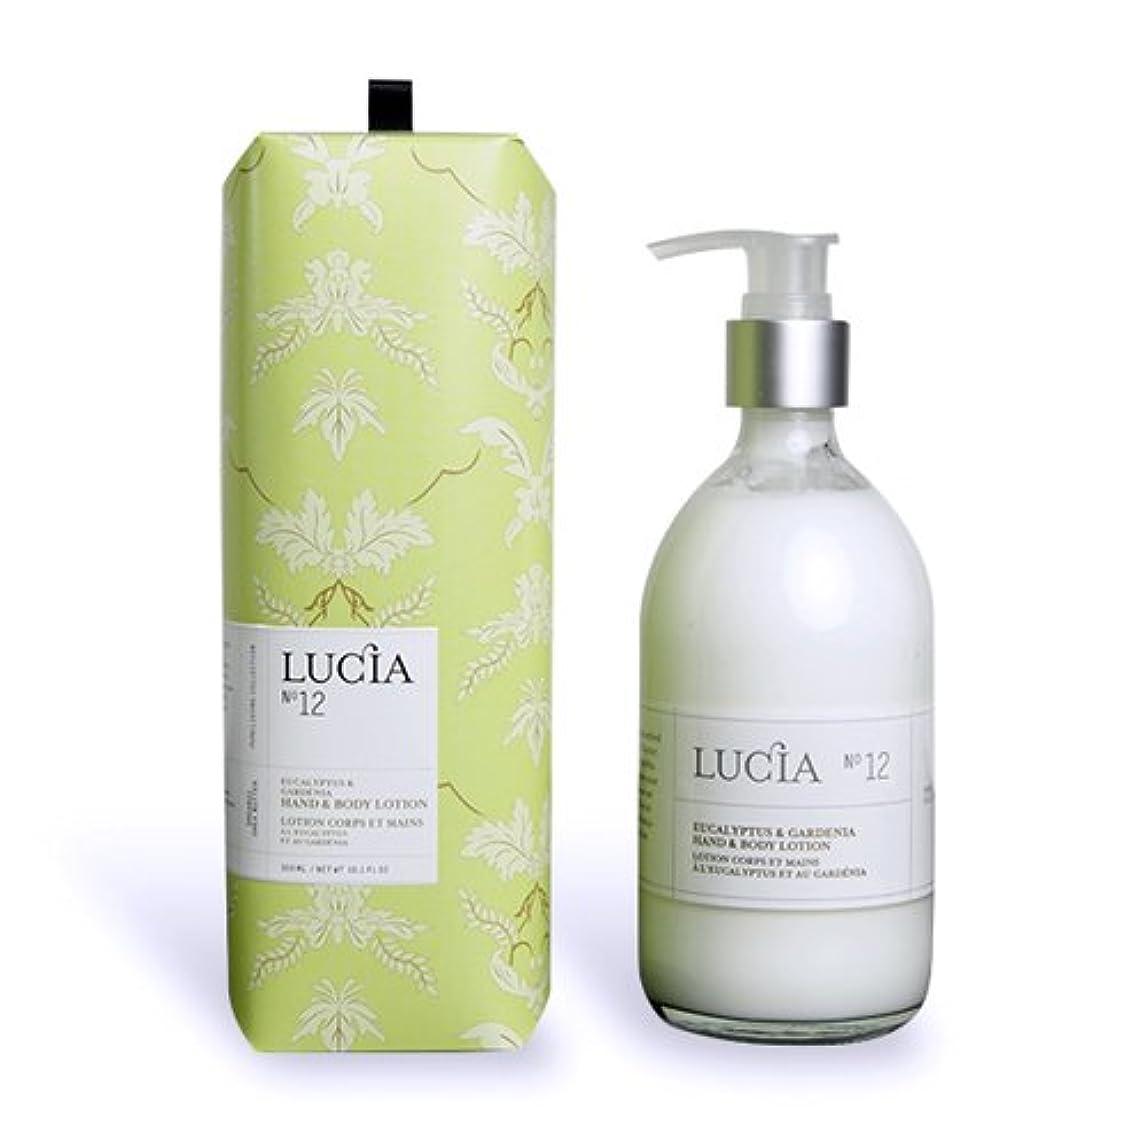 LUCIA Collection ハンド & ボディローション No.12 ユーカリプタス & ガーデニア Eucalyptus & Gardenia Hand &Body Lotionルシア コレクション ピュアリビング...